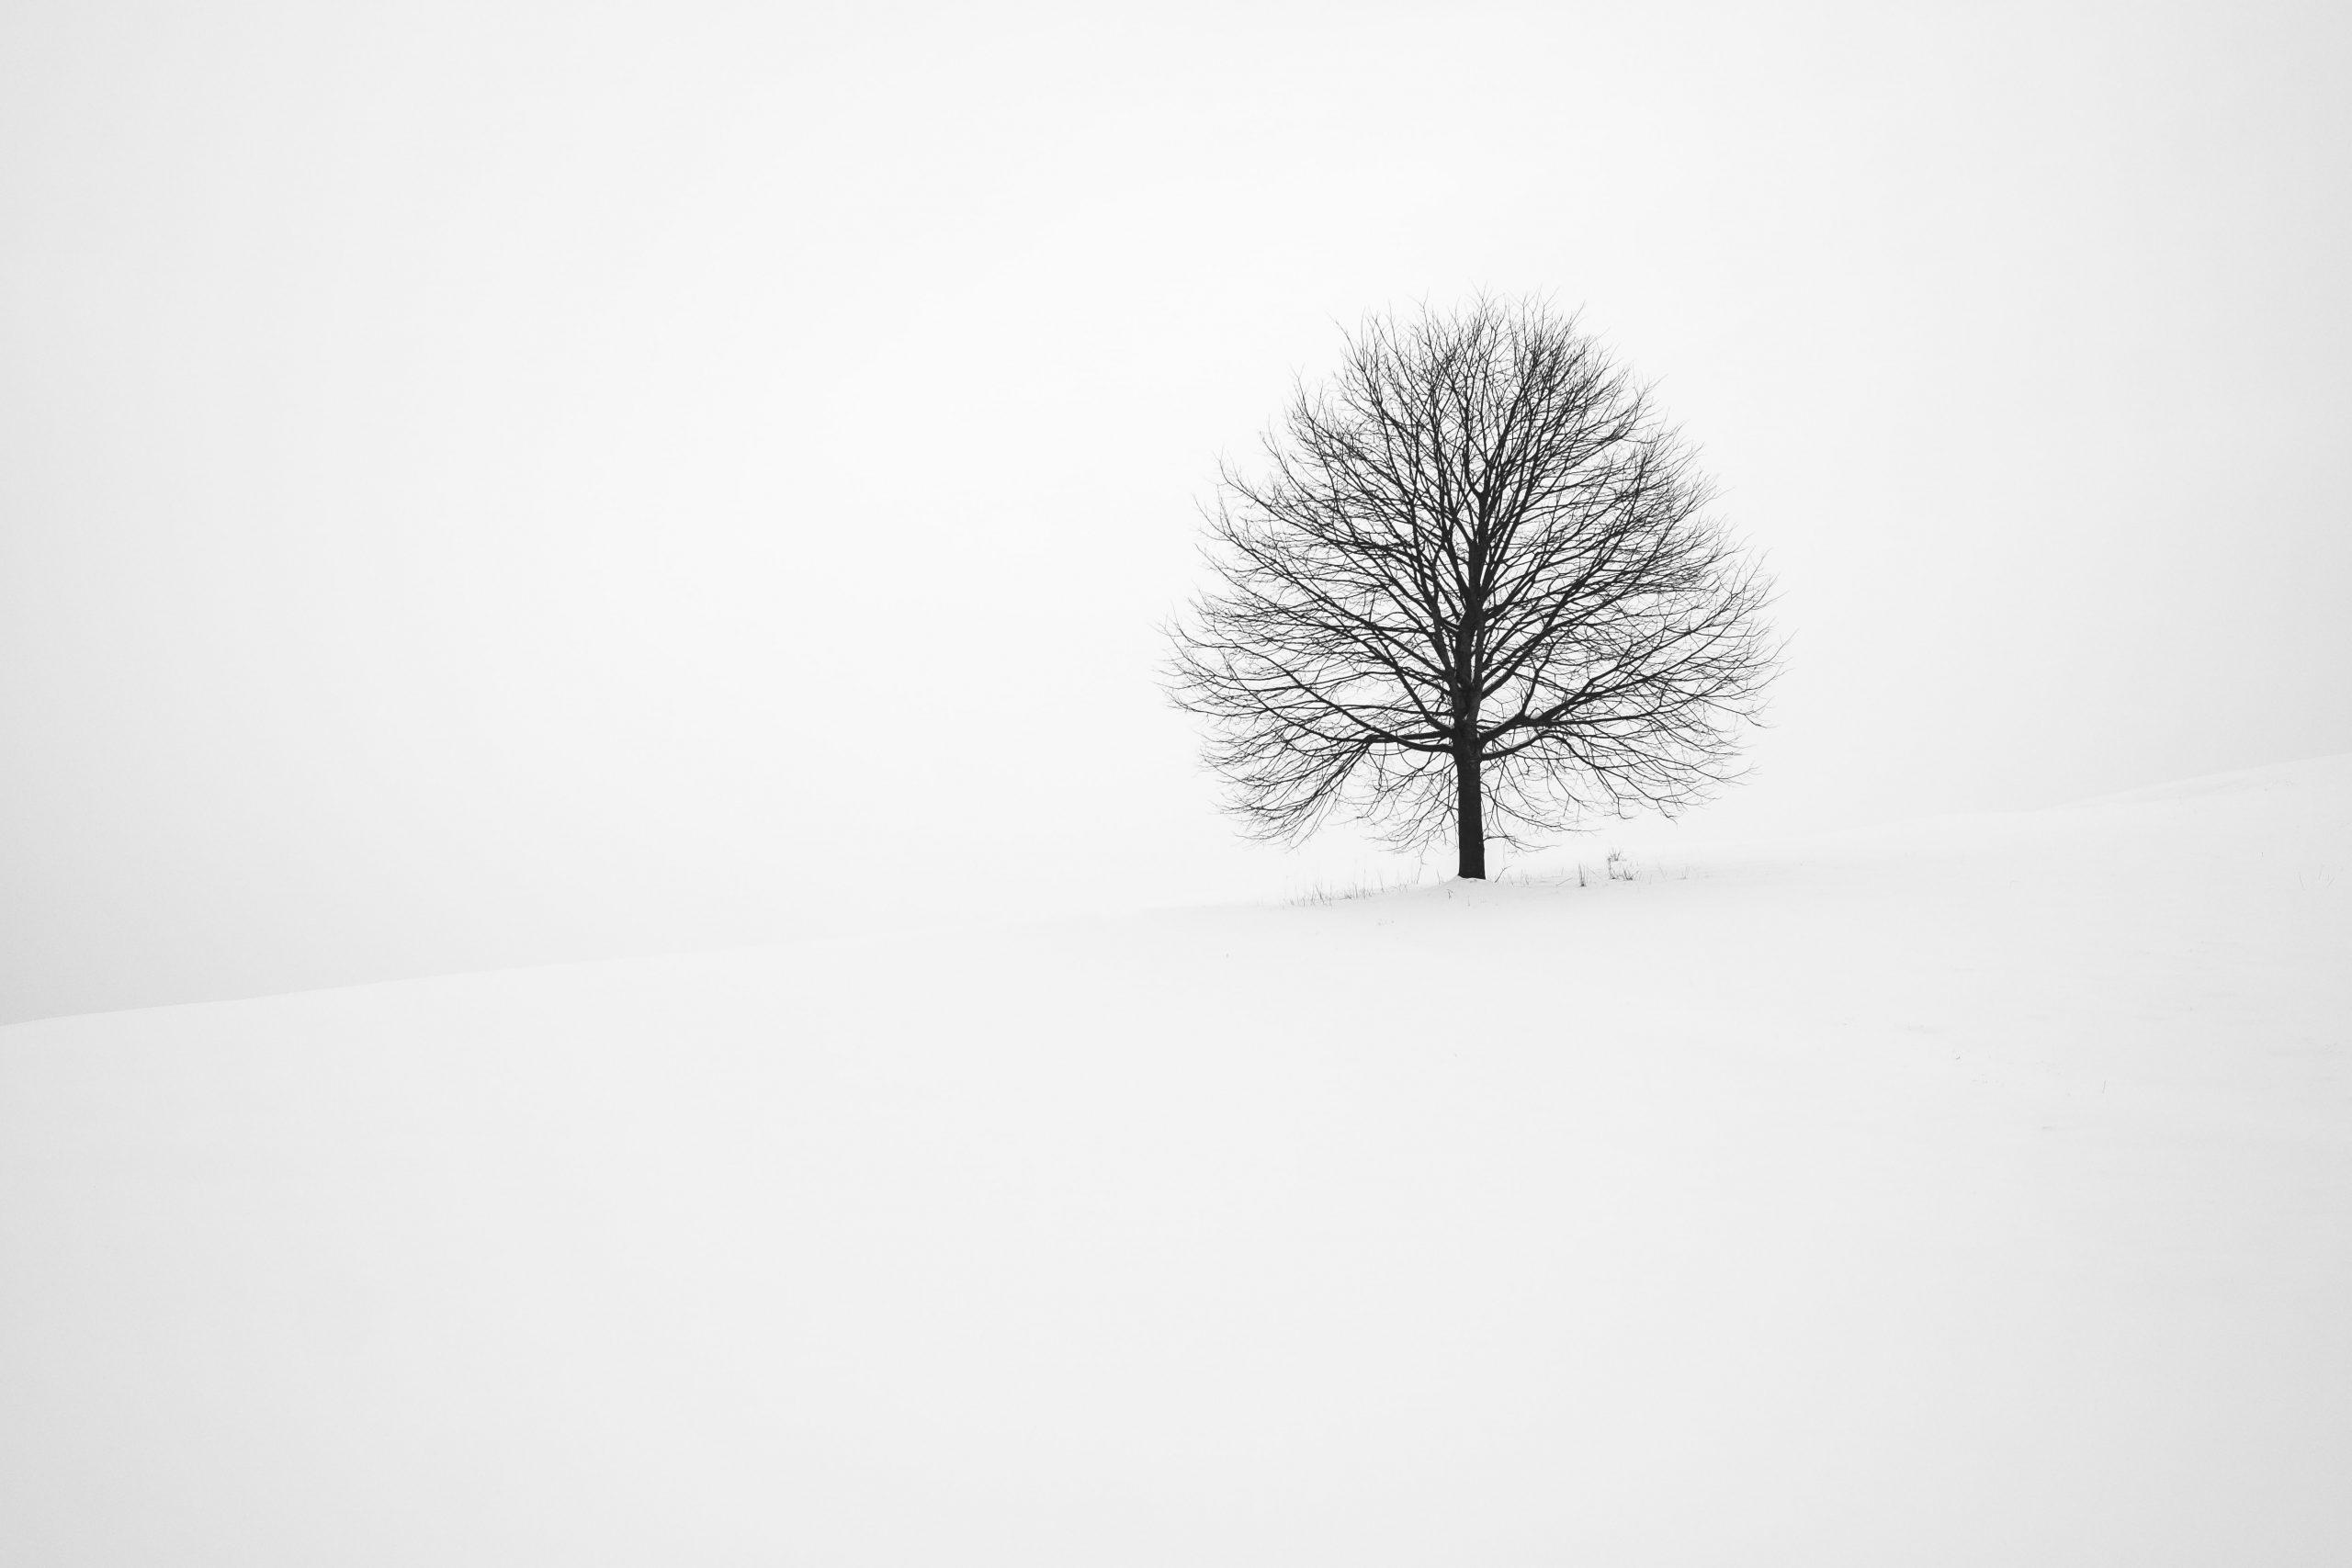 Minimalist Winter Wallpaper